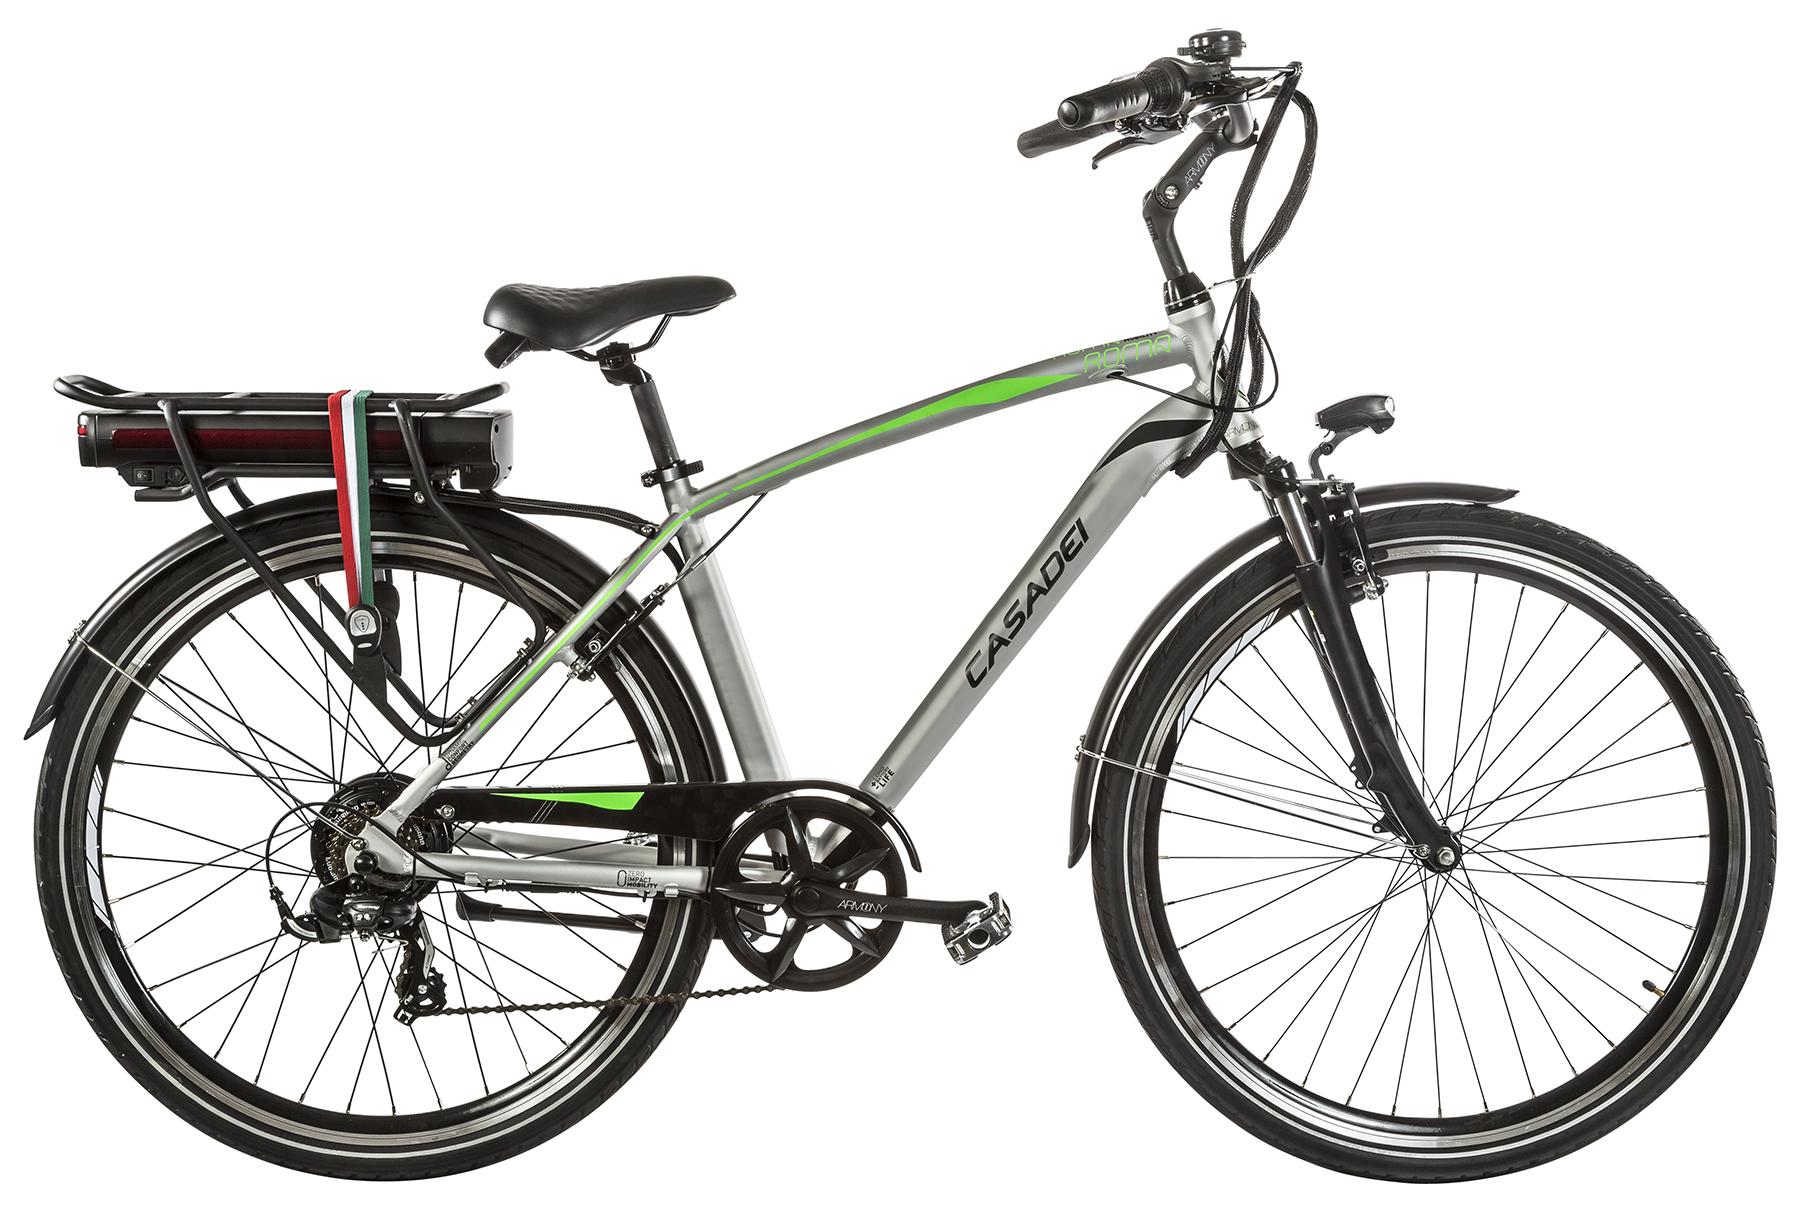 Graziano bici uomo eletrica pedalata assistita